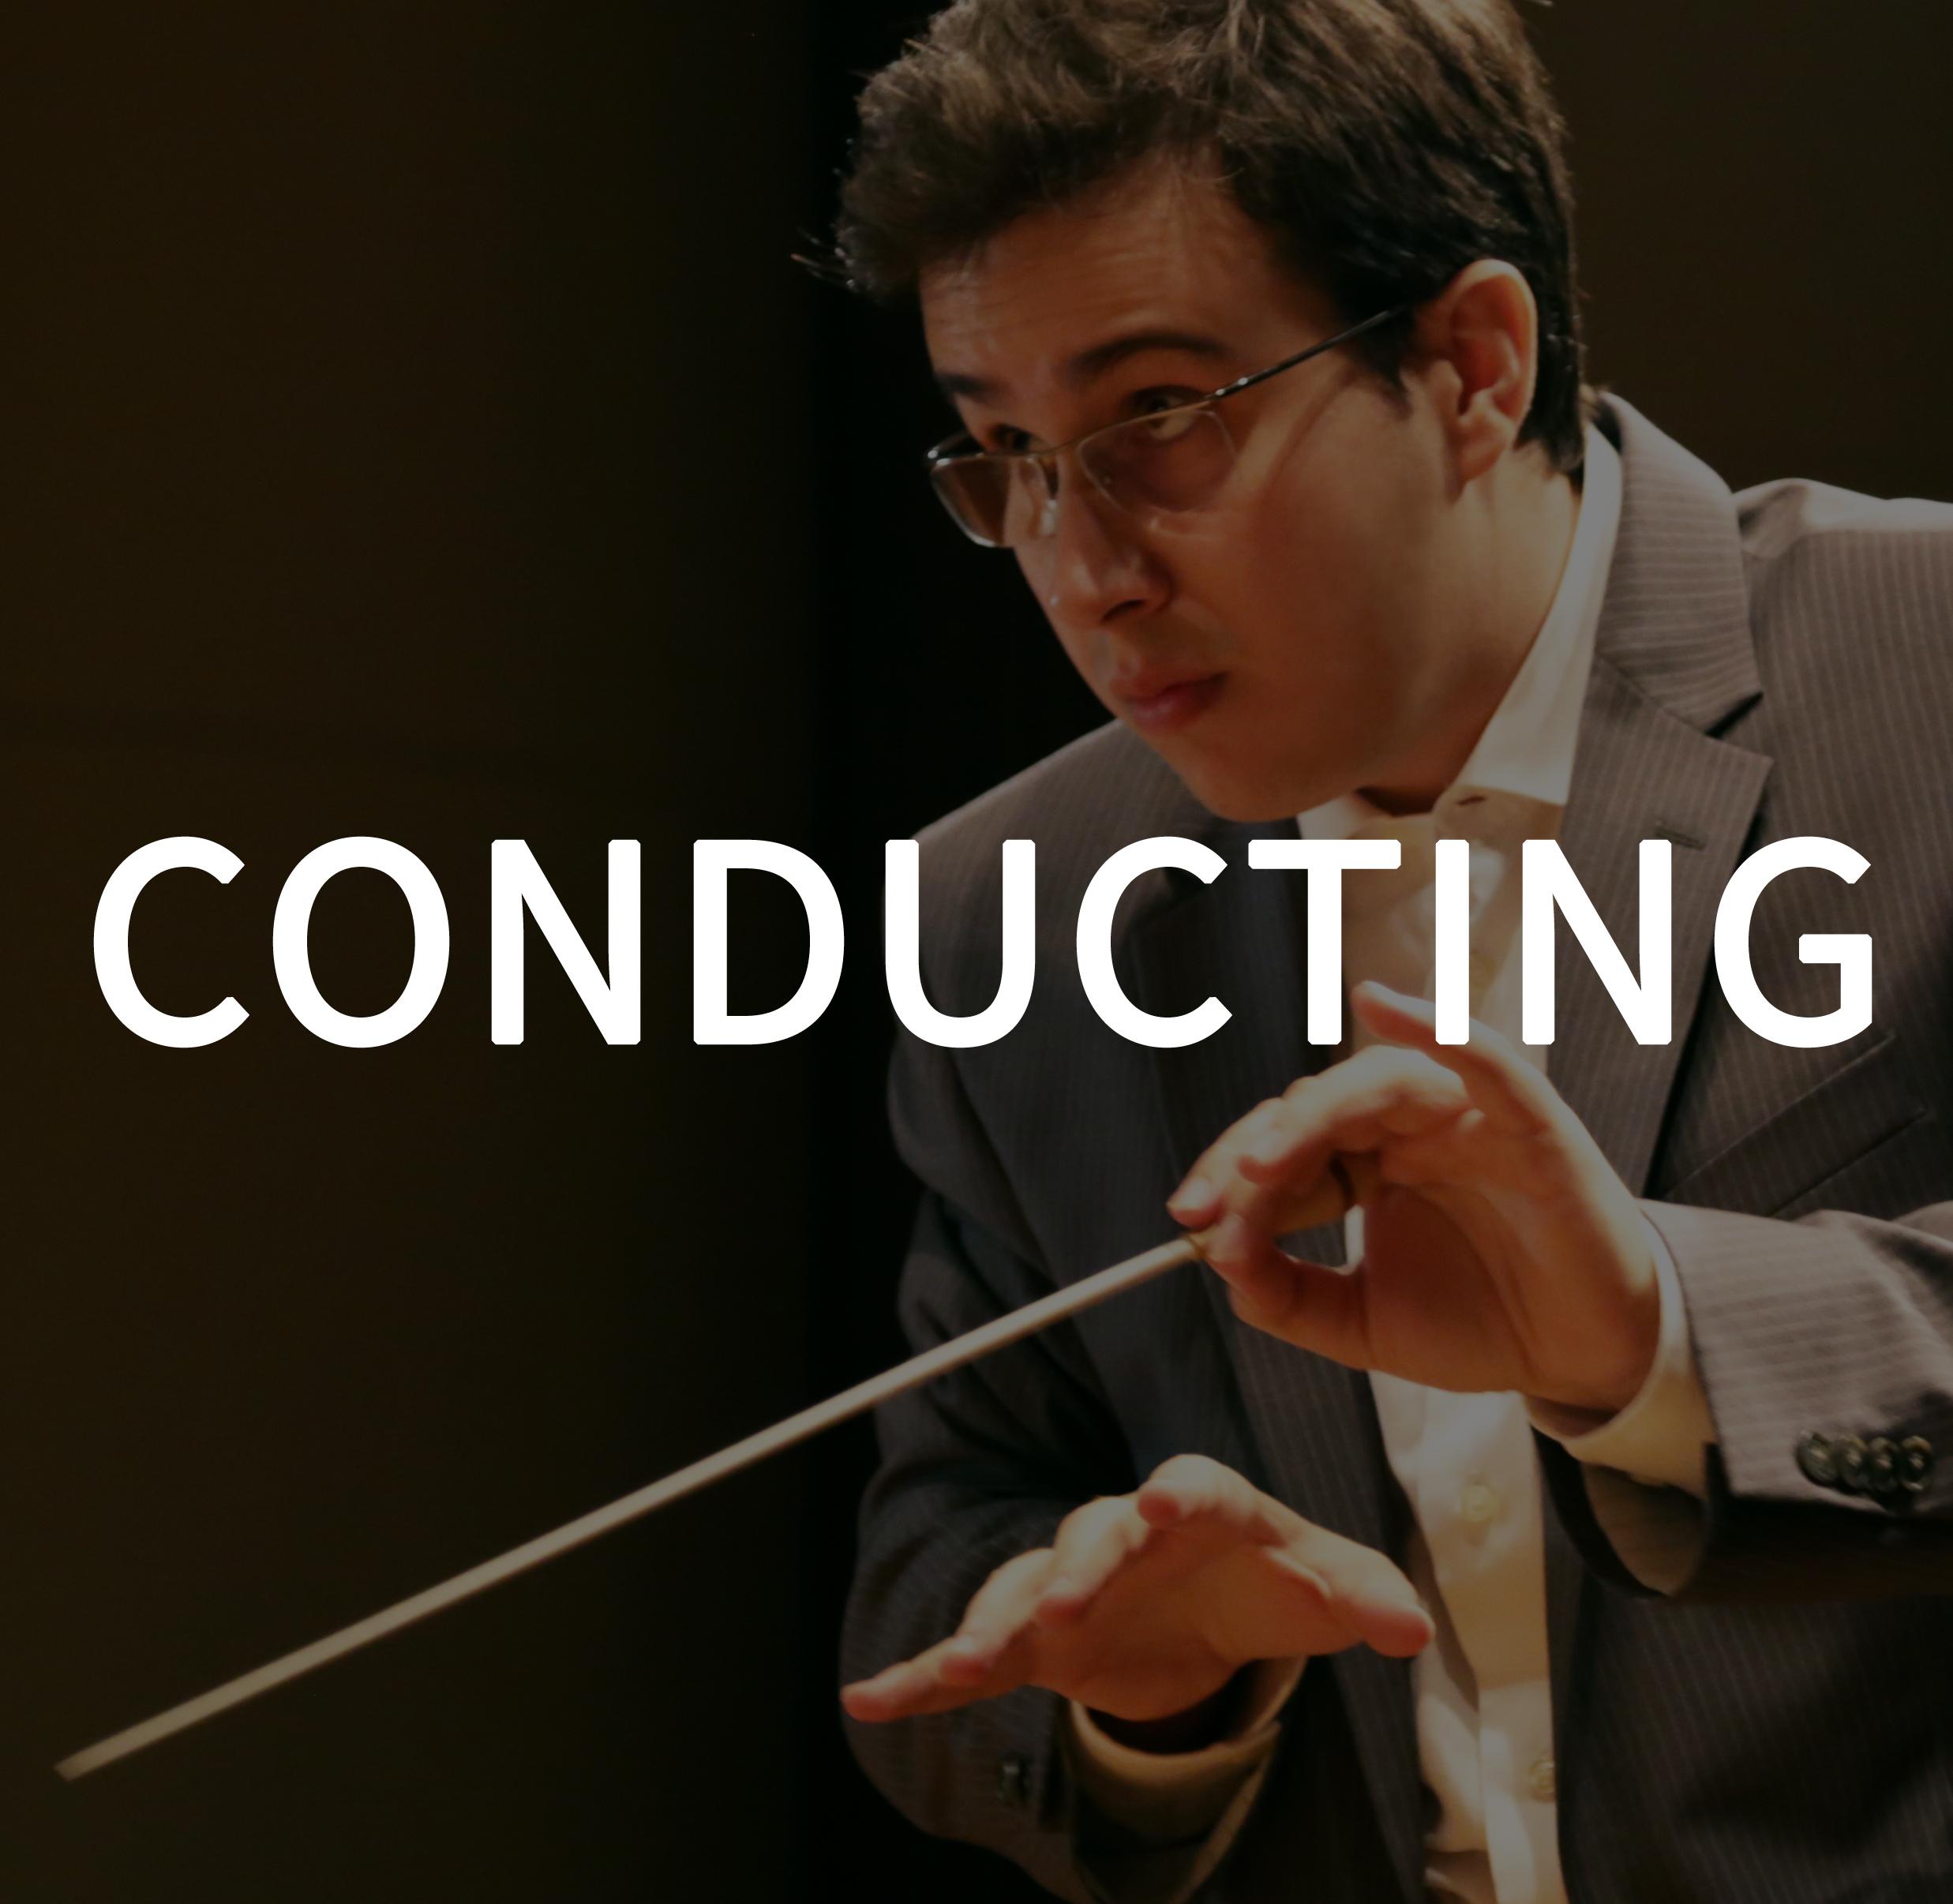 conducting botao.jpg